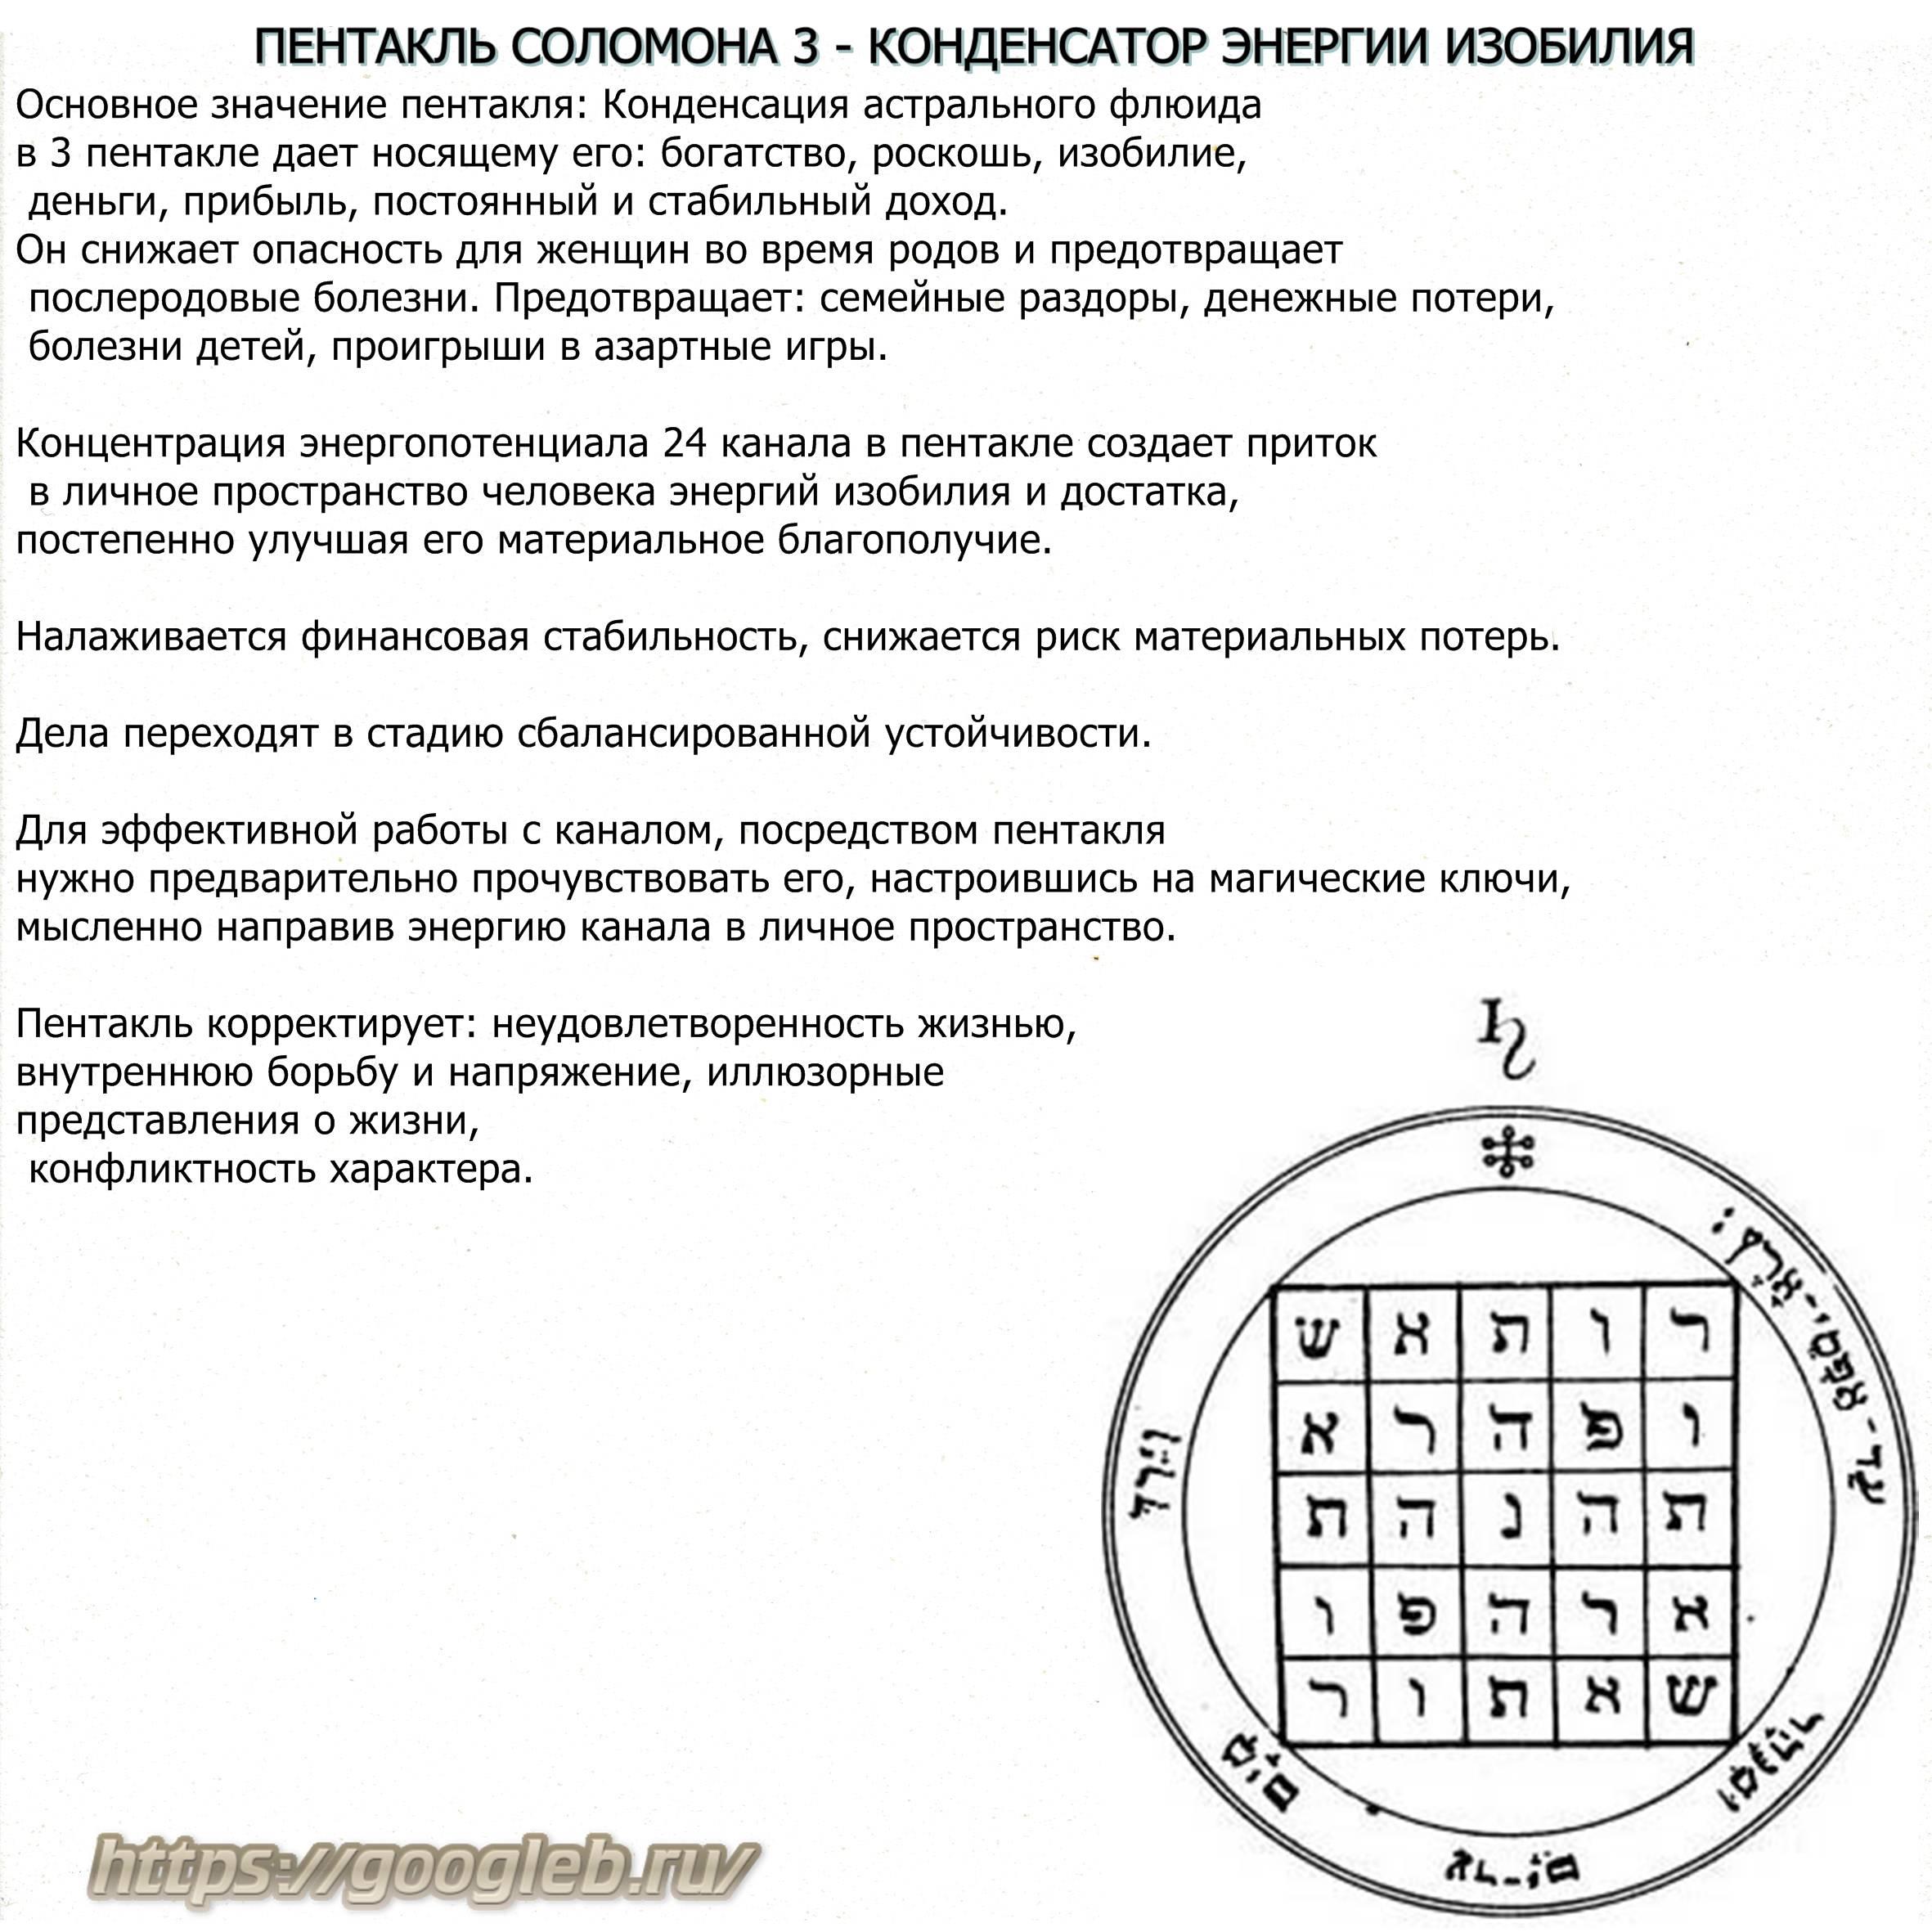 Значение символа печать соломона, как сделать своими руками?